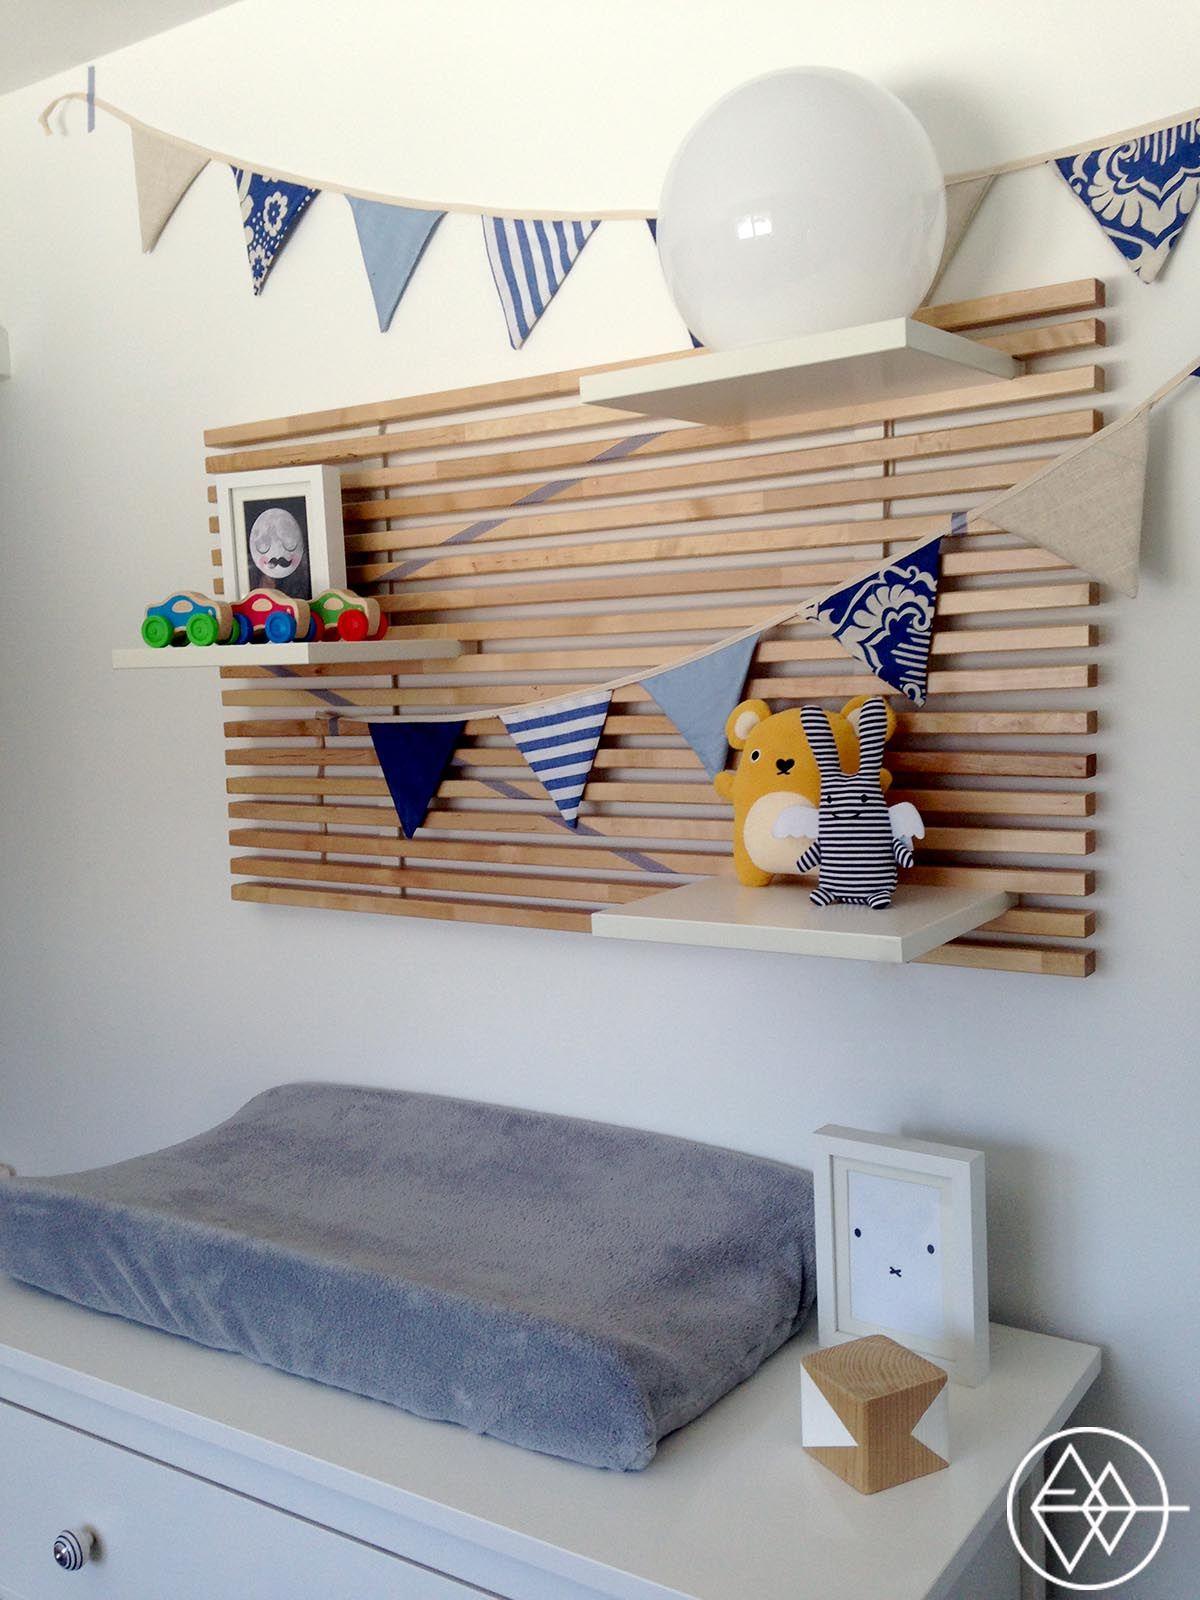 Il y a quelques mois de cela, j'ai tranquillementcontinuer à travailler dans la chambre de mon bébé, afin de la «finaliser». Étant donné que la celle-ci n'est pas grande, j'avais en tête de réaliser un mur décor qui, placé au dessus de la station de change, pourrait également me servir d'espace supplémentaire pourranger et accrocher…